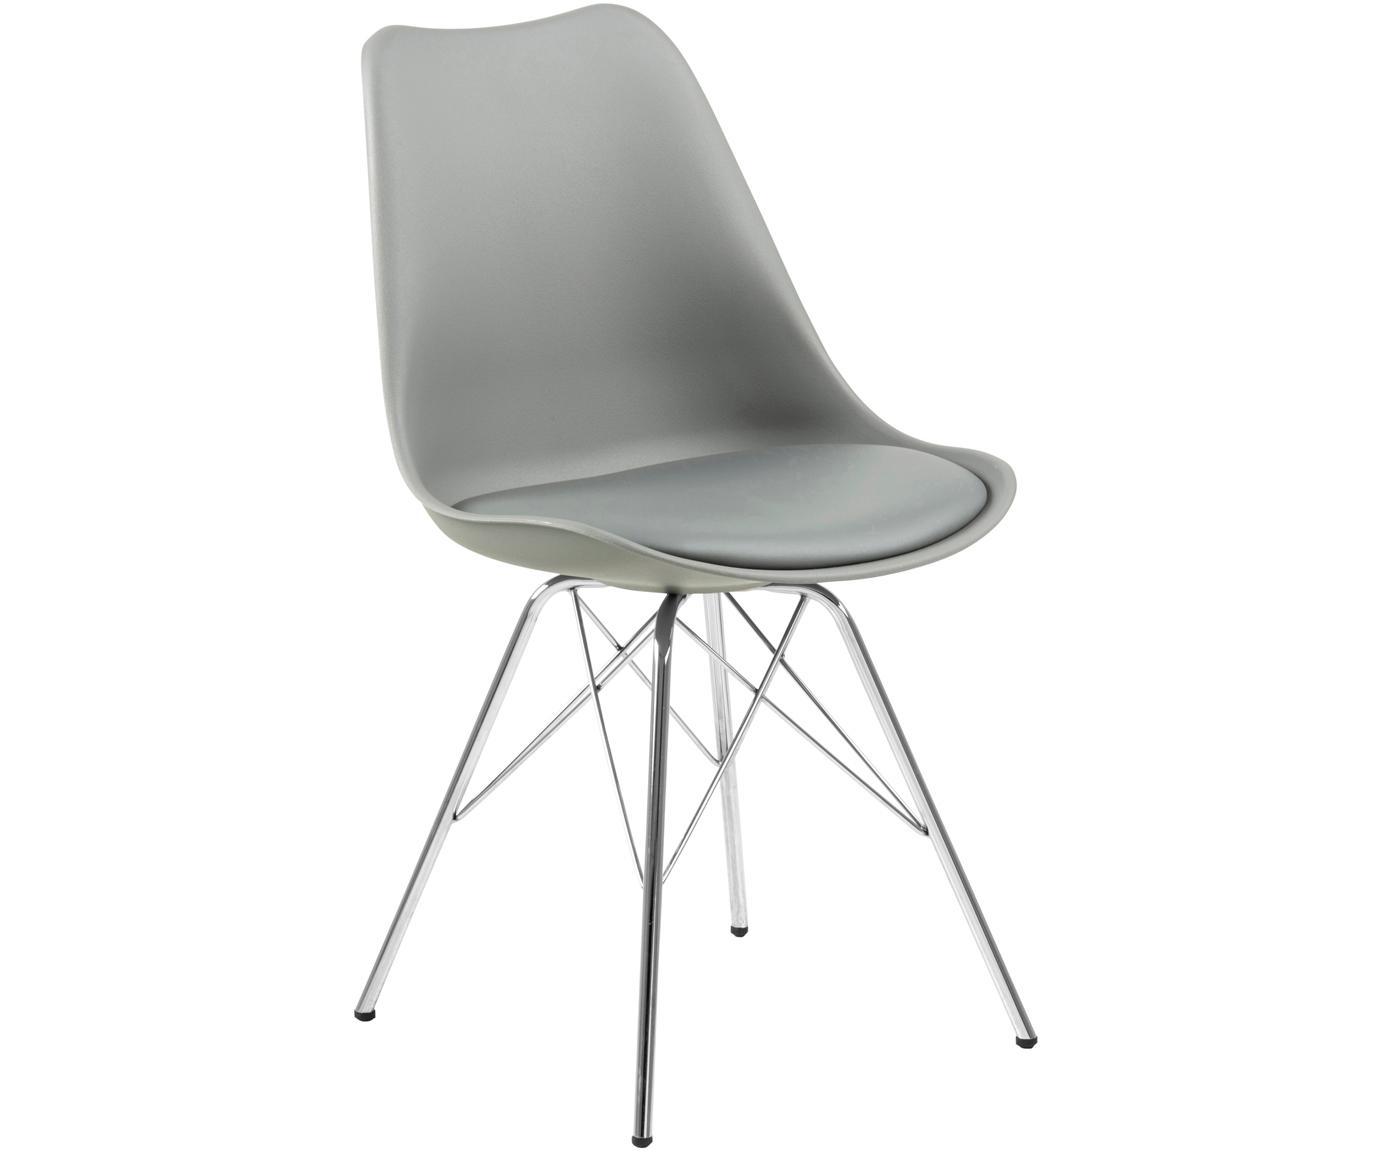 Krzesło z tworzywa sztucznego Eris, 2 szt., Nogi: metal chromowany, Szary, nogi: chrom, S 49 x G 54 cm